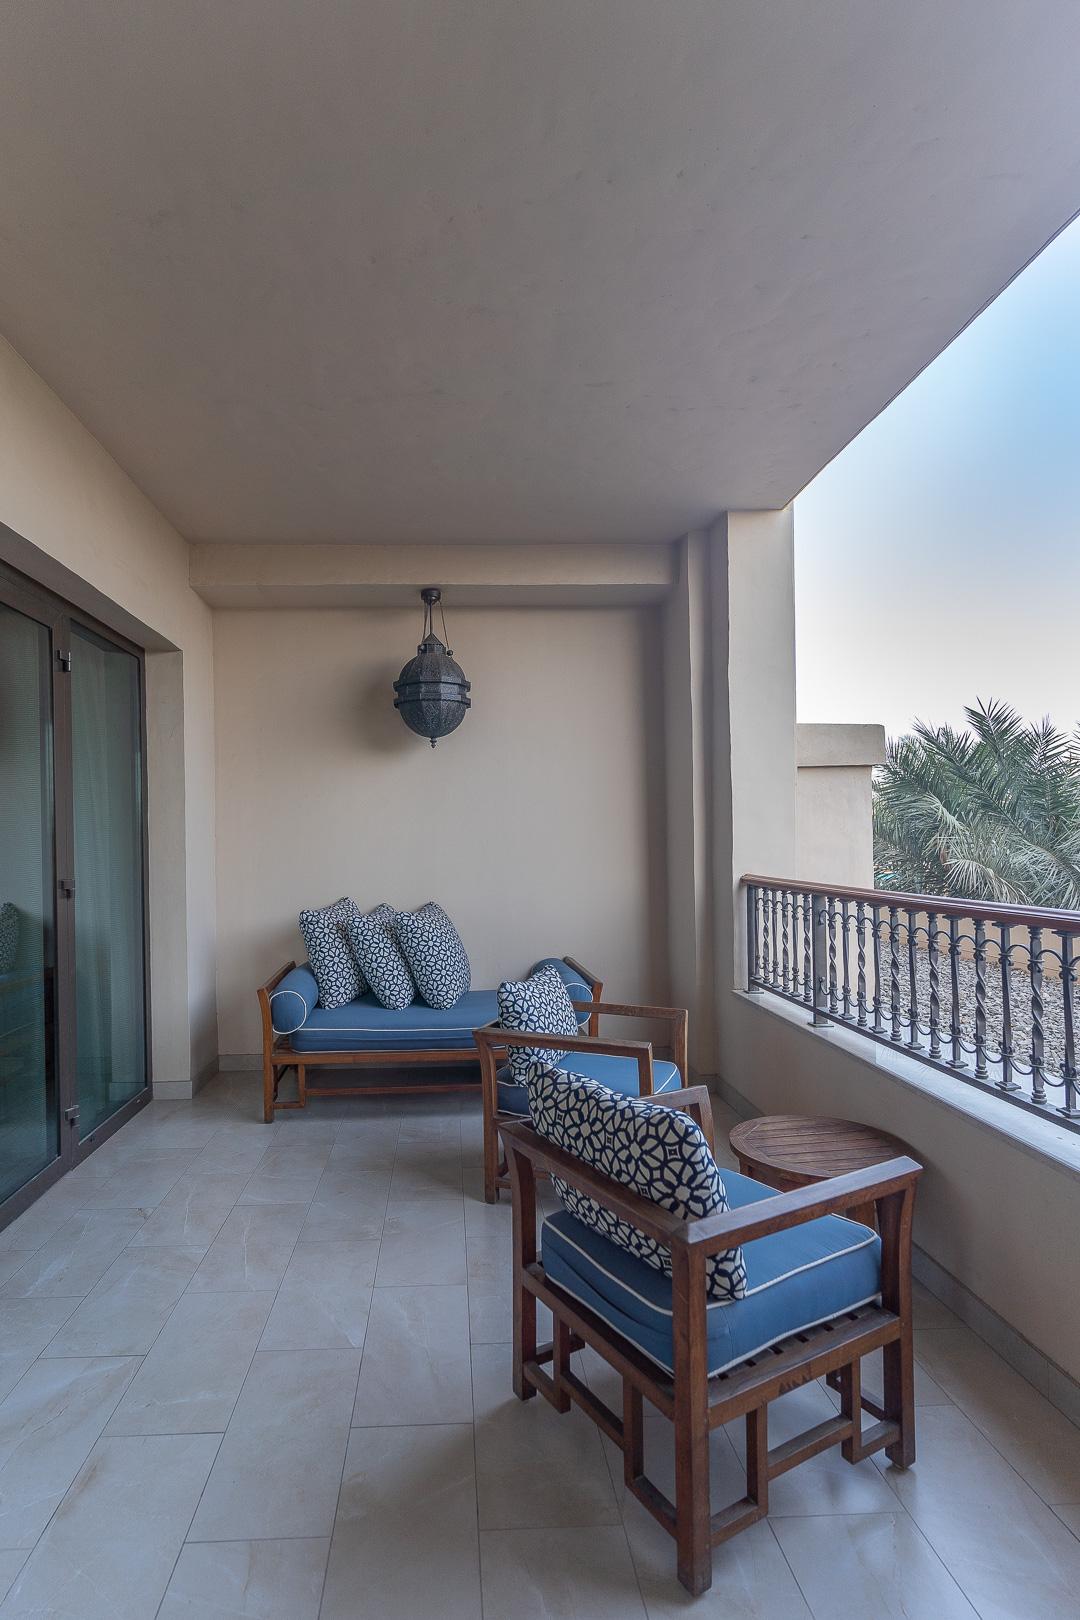 FS Jumeirah 17 - REVIEW - Four Seasons Dubai at Jumeirah Beach : Deluxe City-View Room [COVID-era]